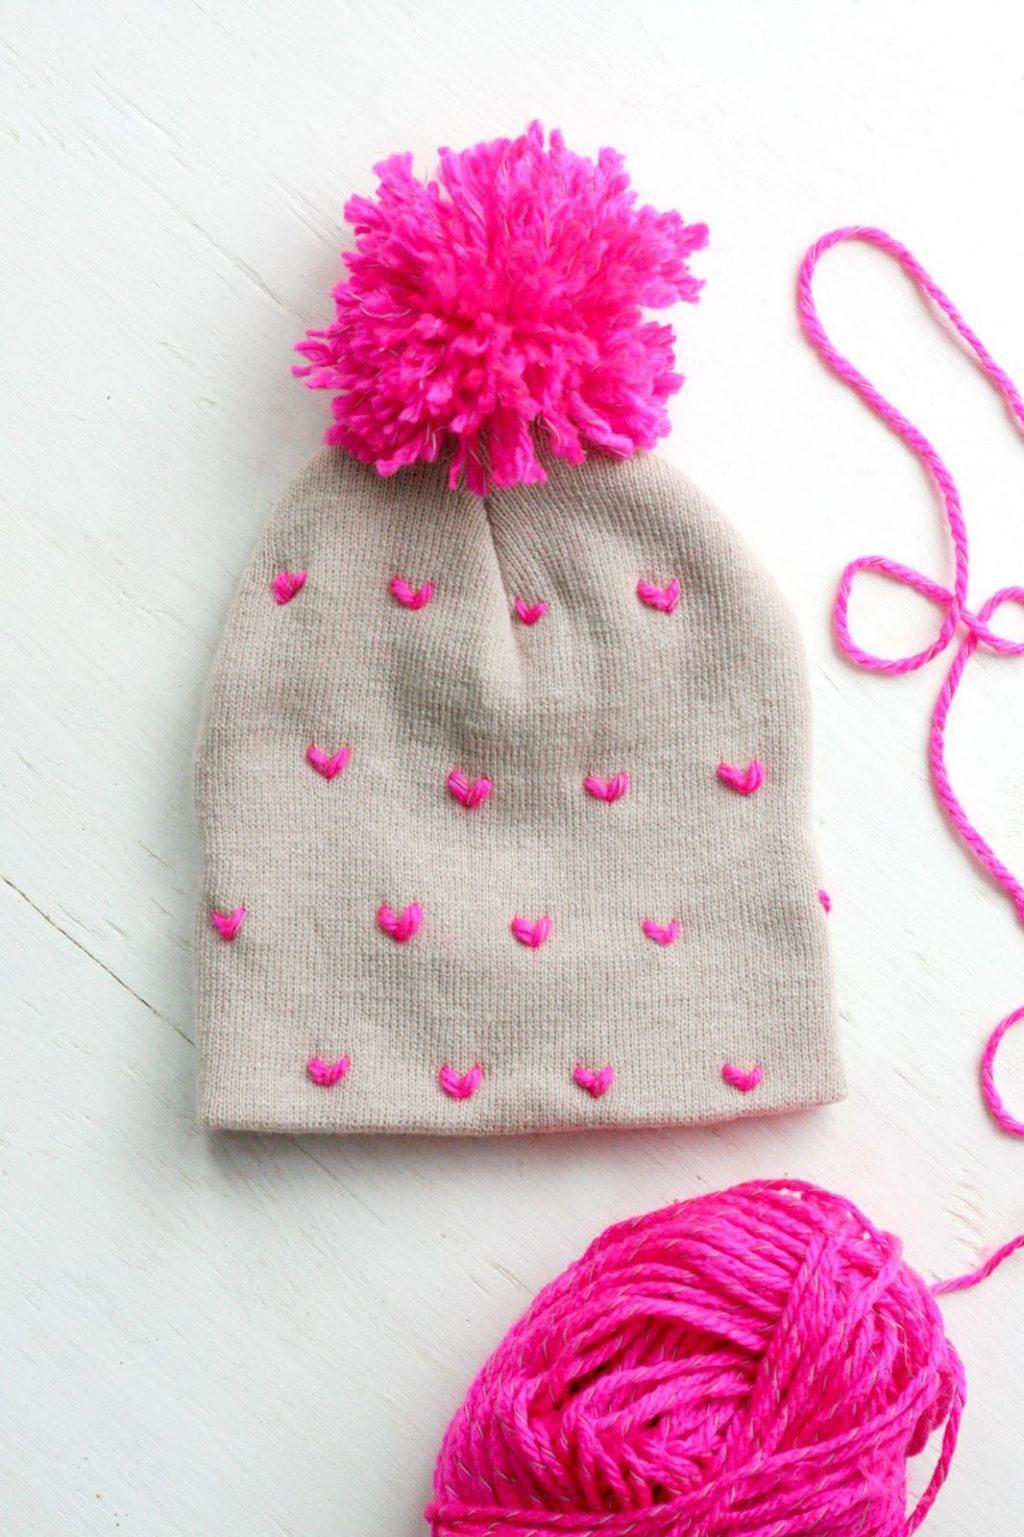 Pom pom crafts, pom pom hat